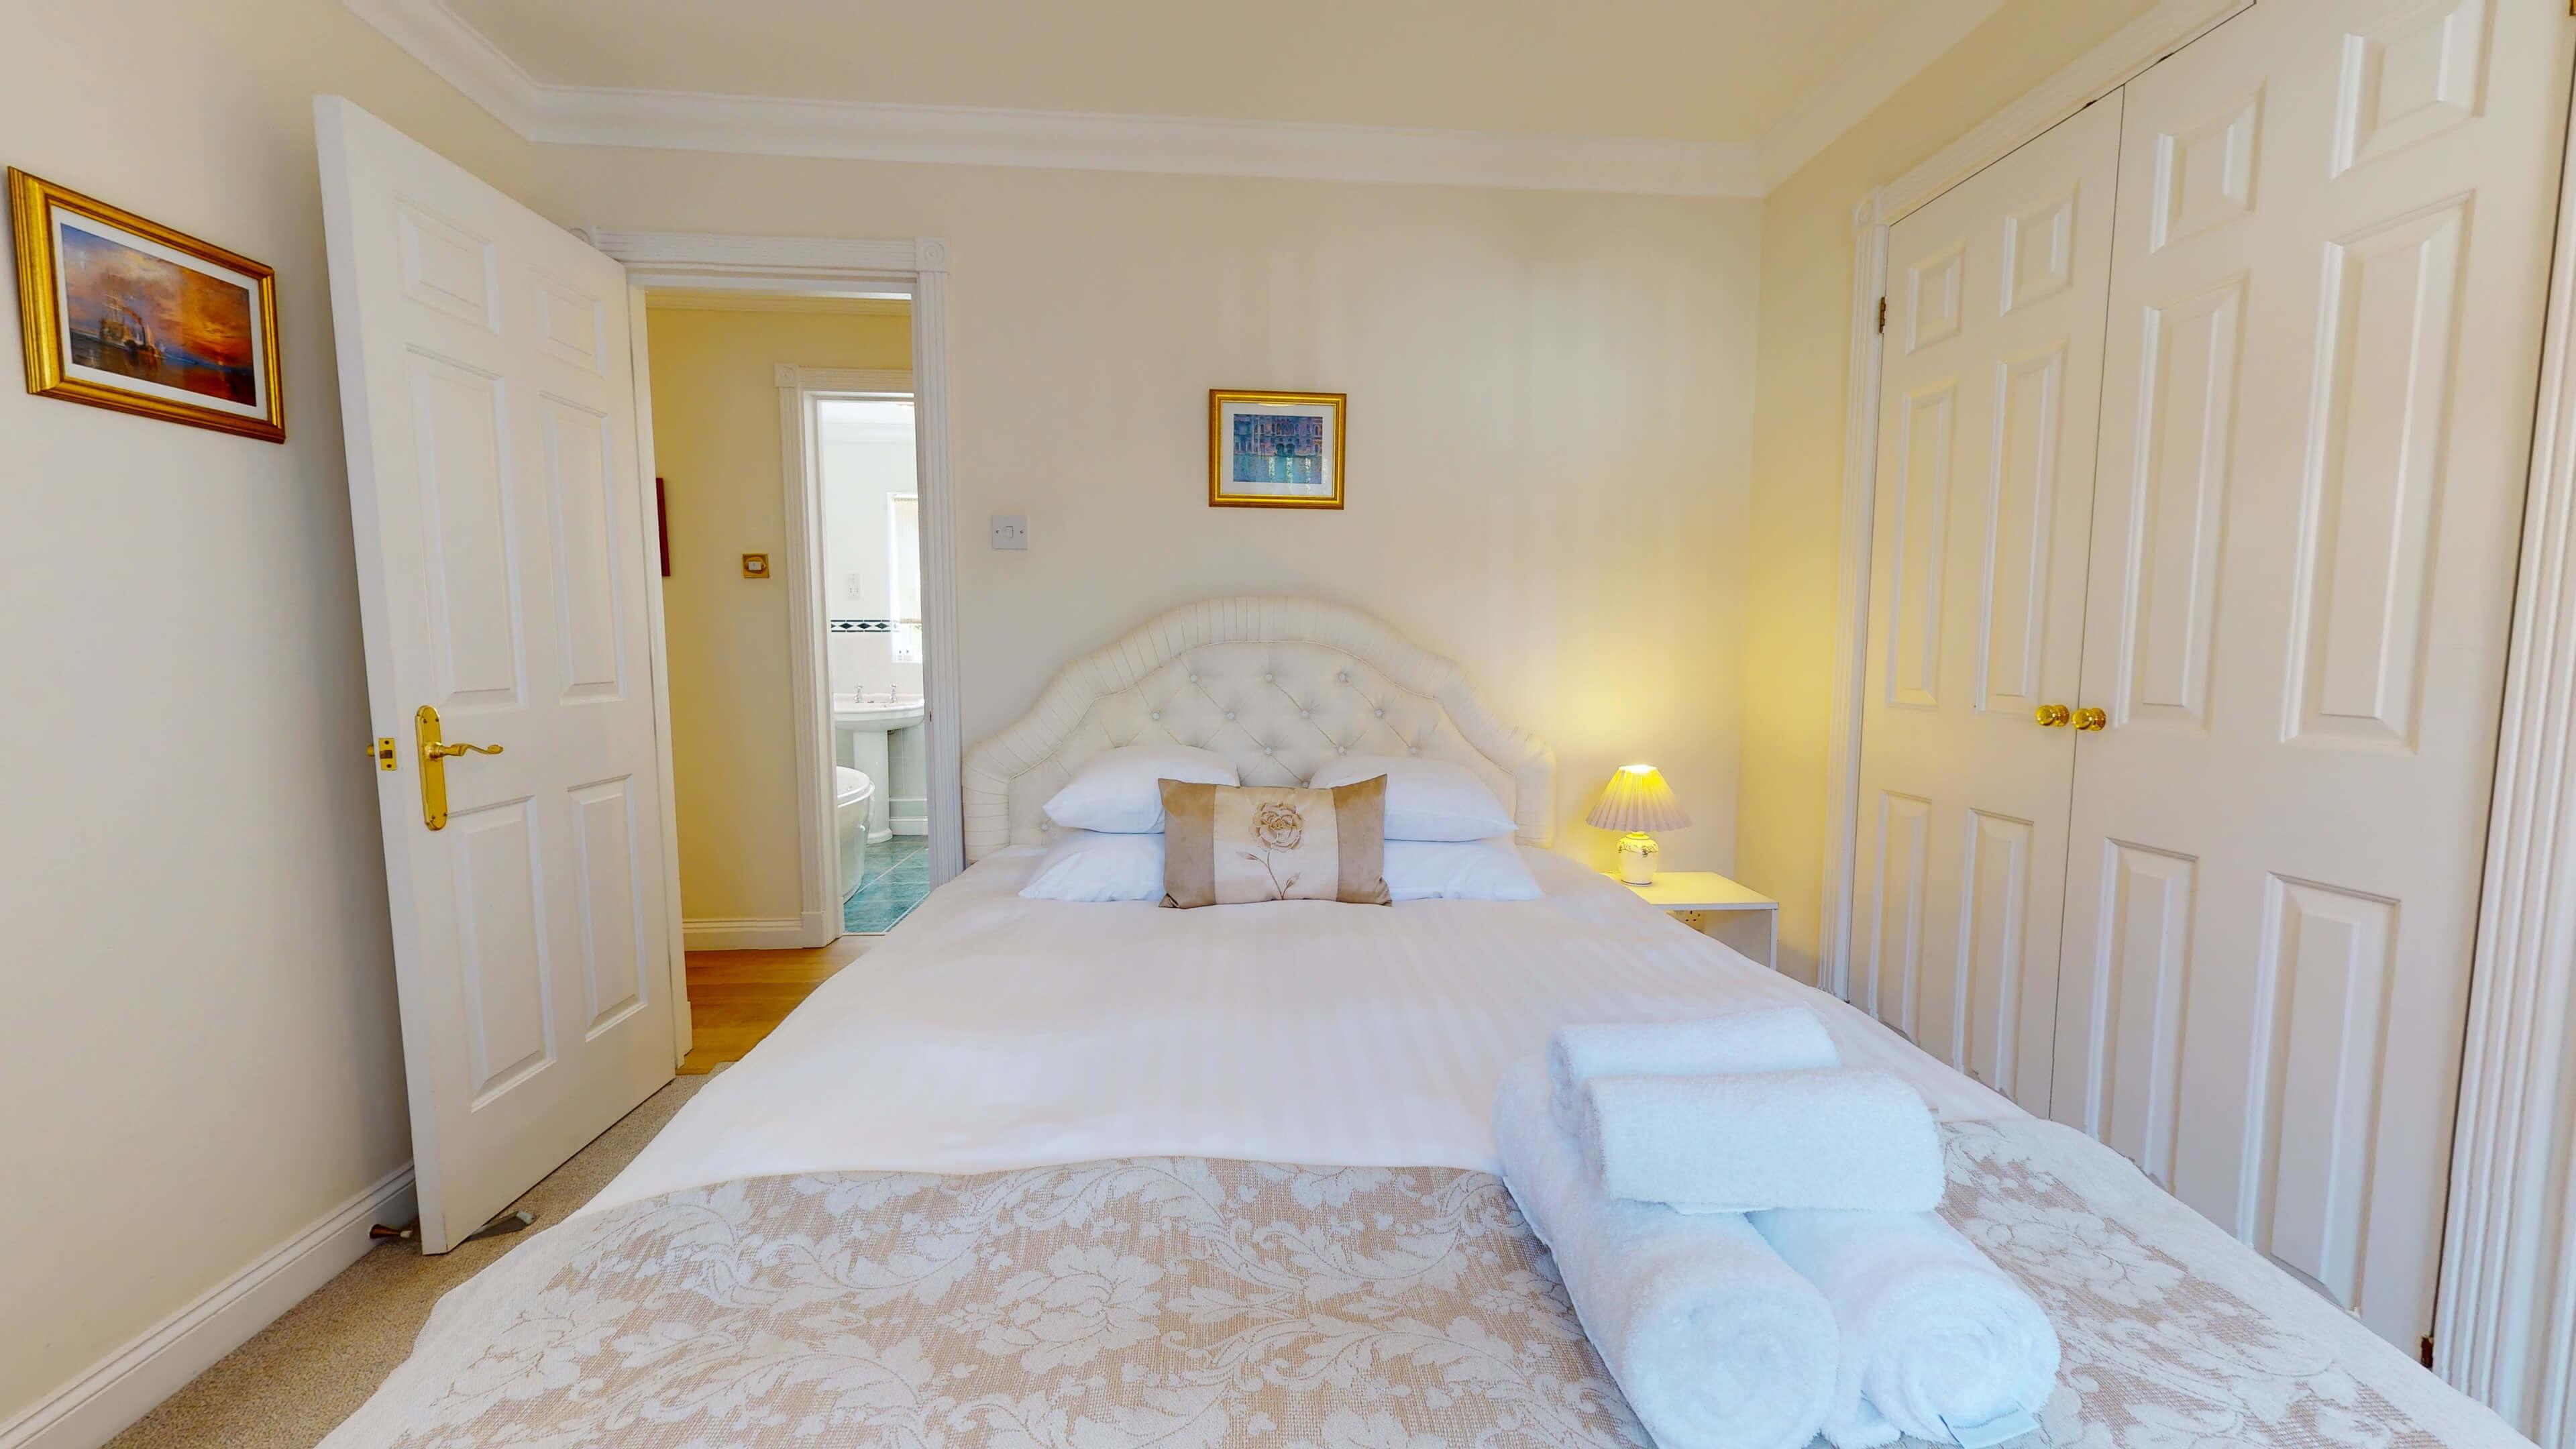 Rewley Road Oxford 2 Bed Rewley Road Bedroom King 2